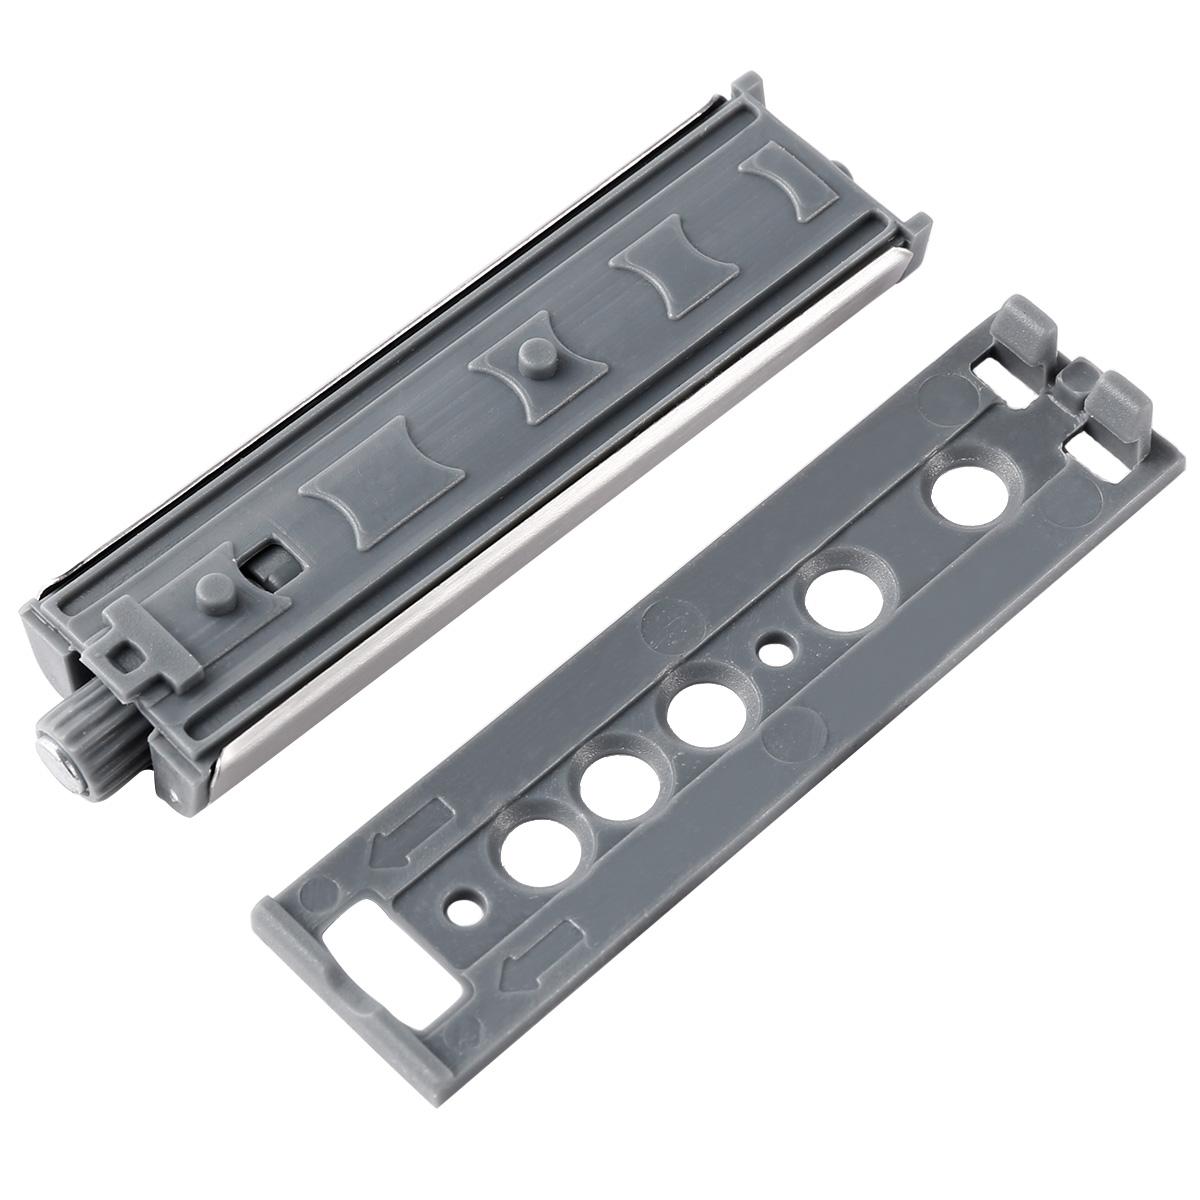 10 20pcs amortiguador pulsador de puerta gabinete cocina - Amortiguador puerta cocina ...